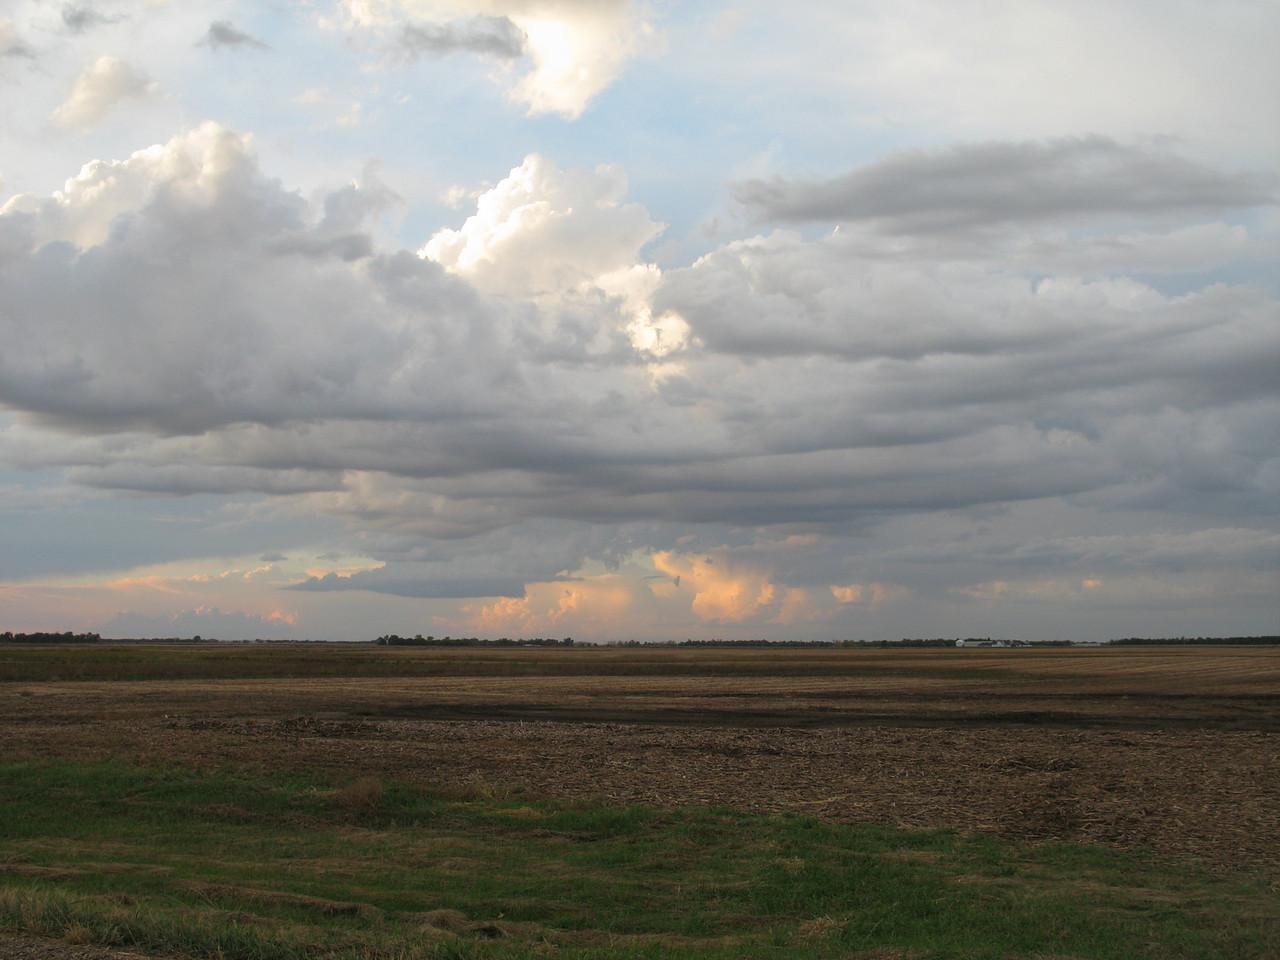 October 9, 2010